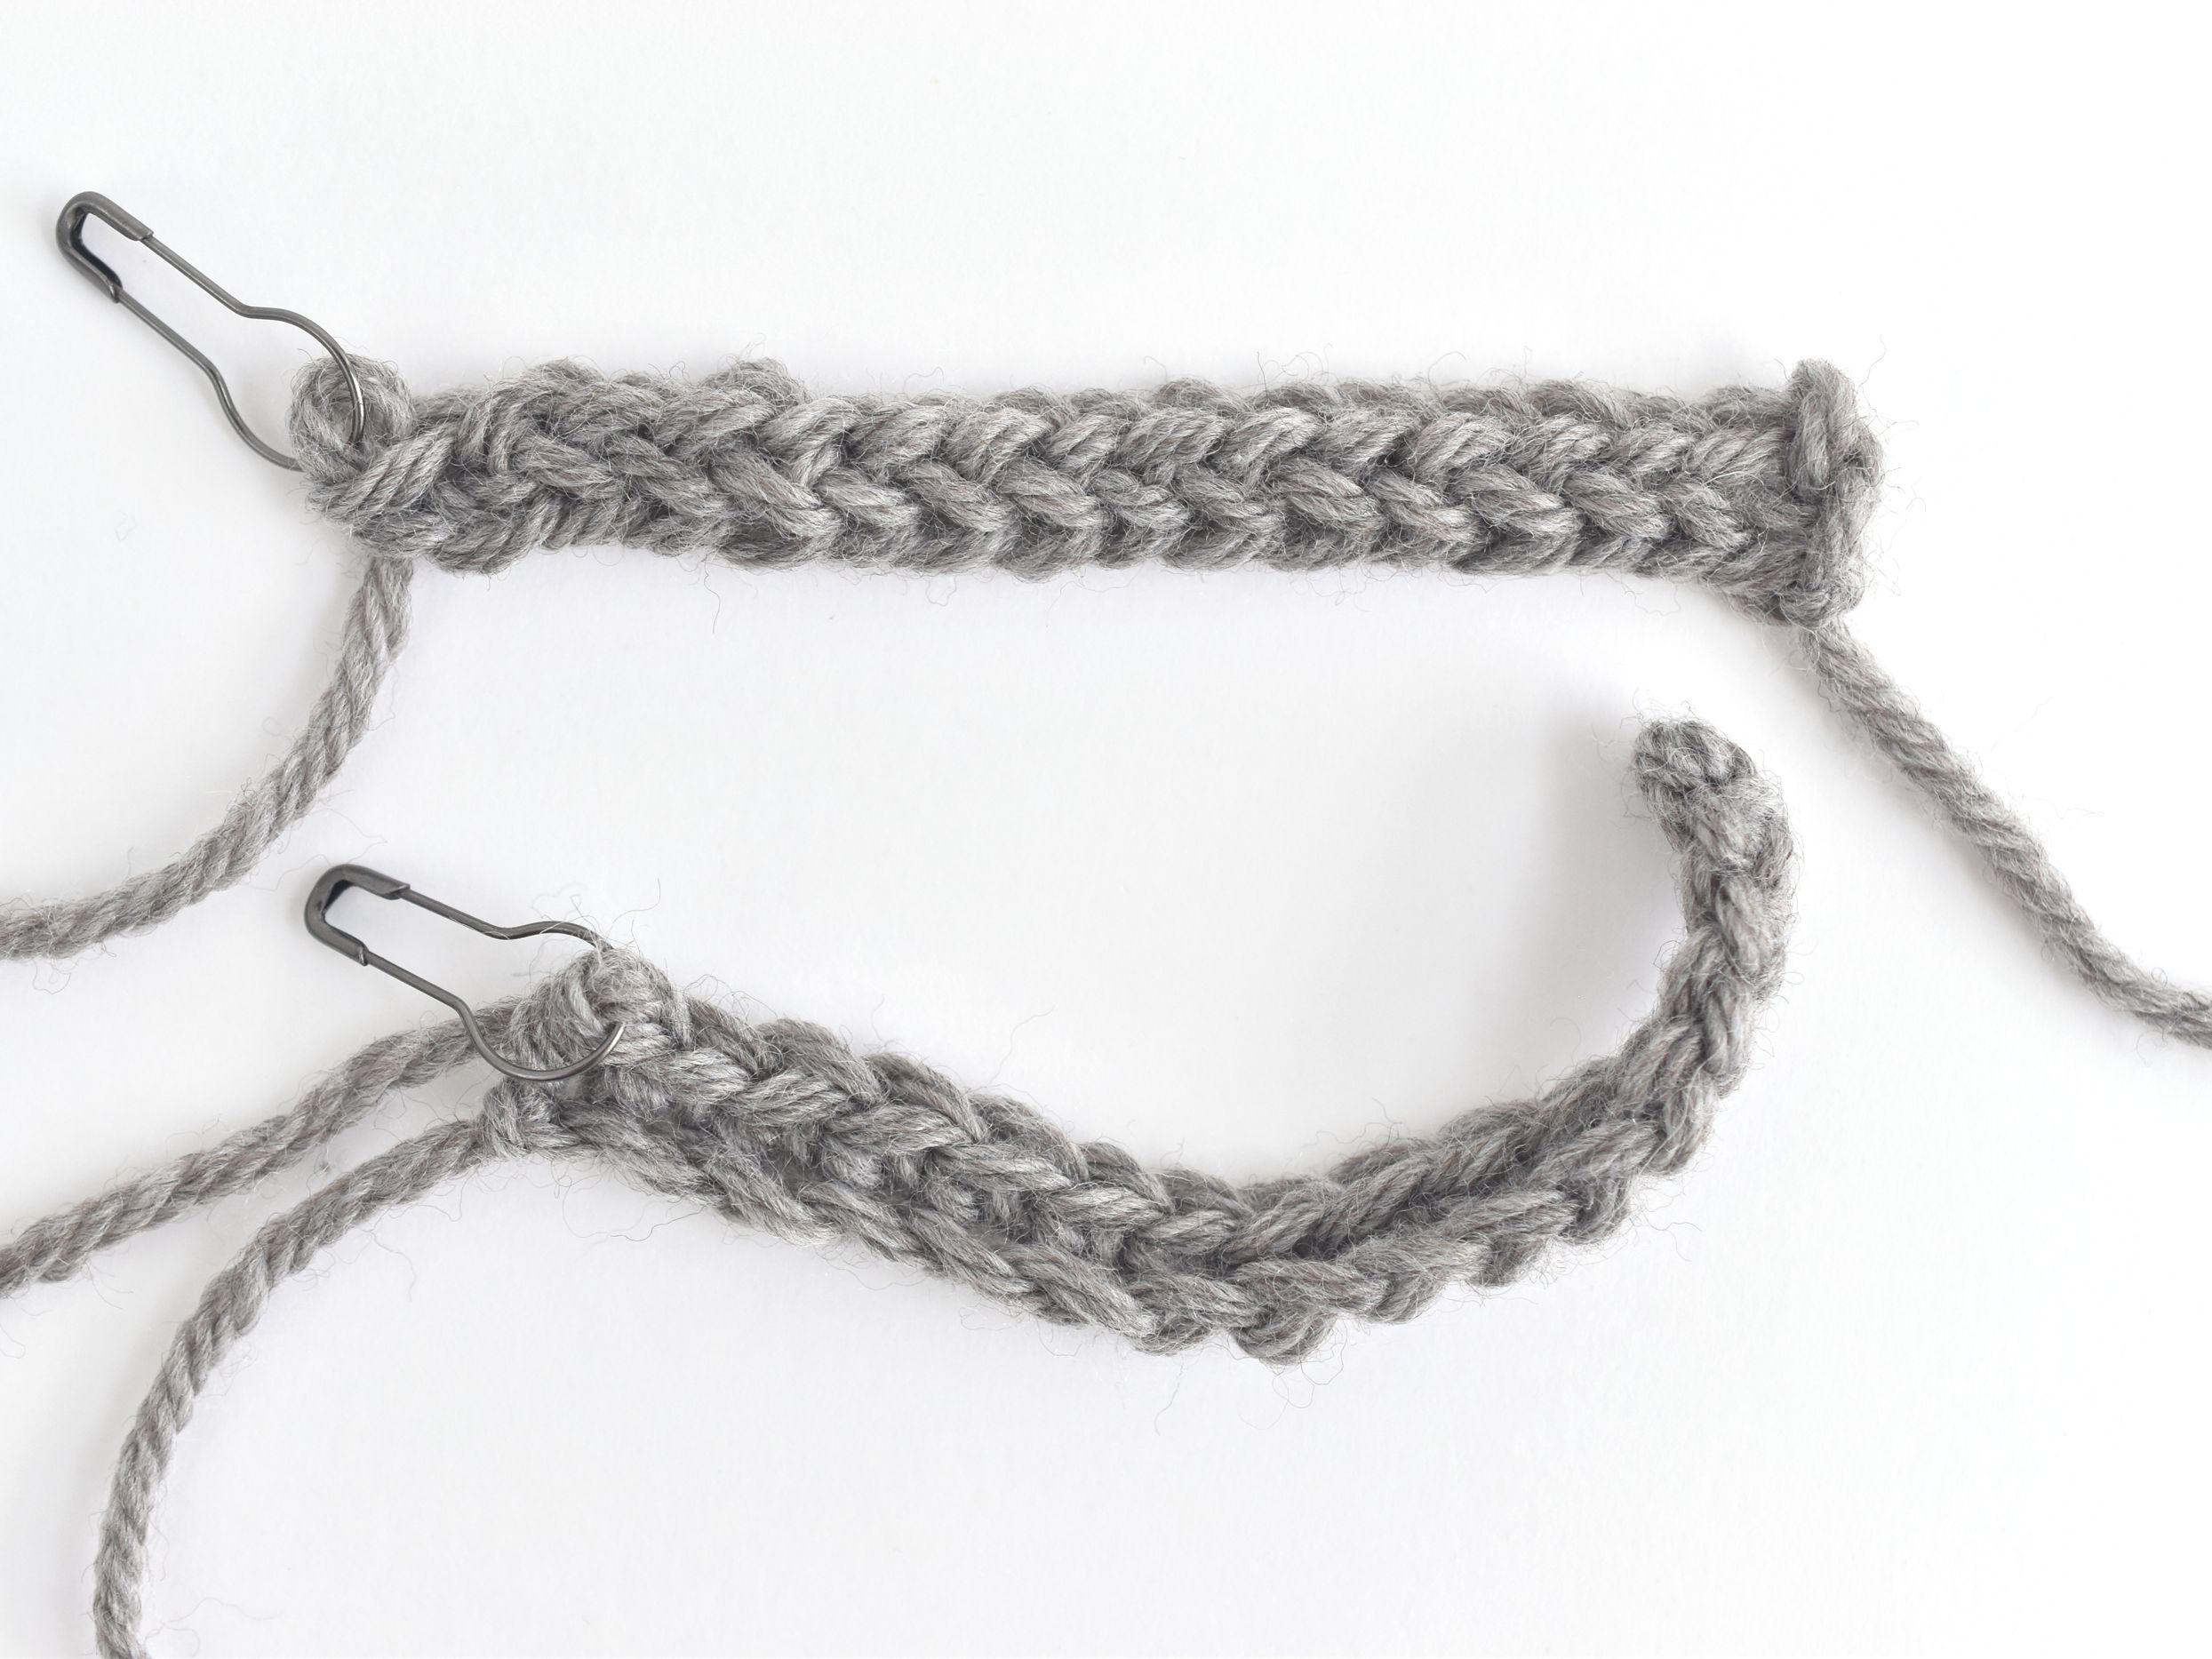 What Is Foundation Single Crochet Fsc